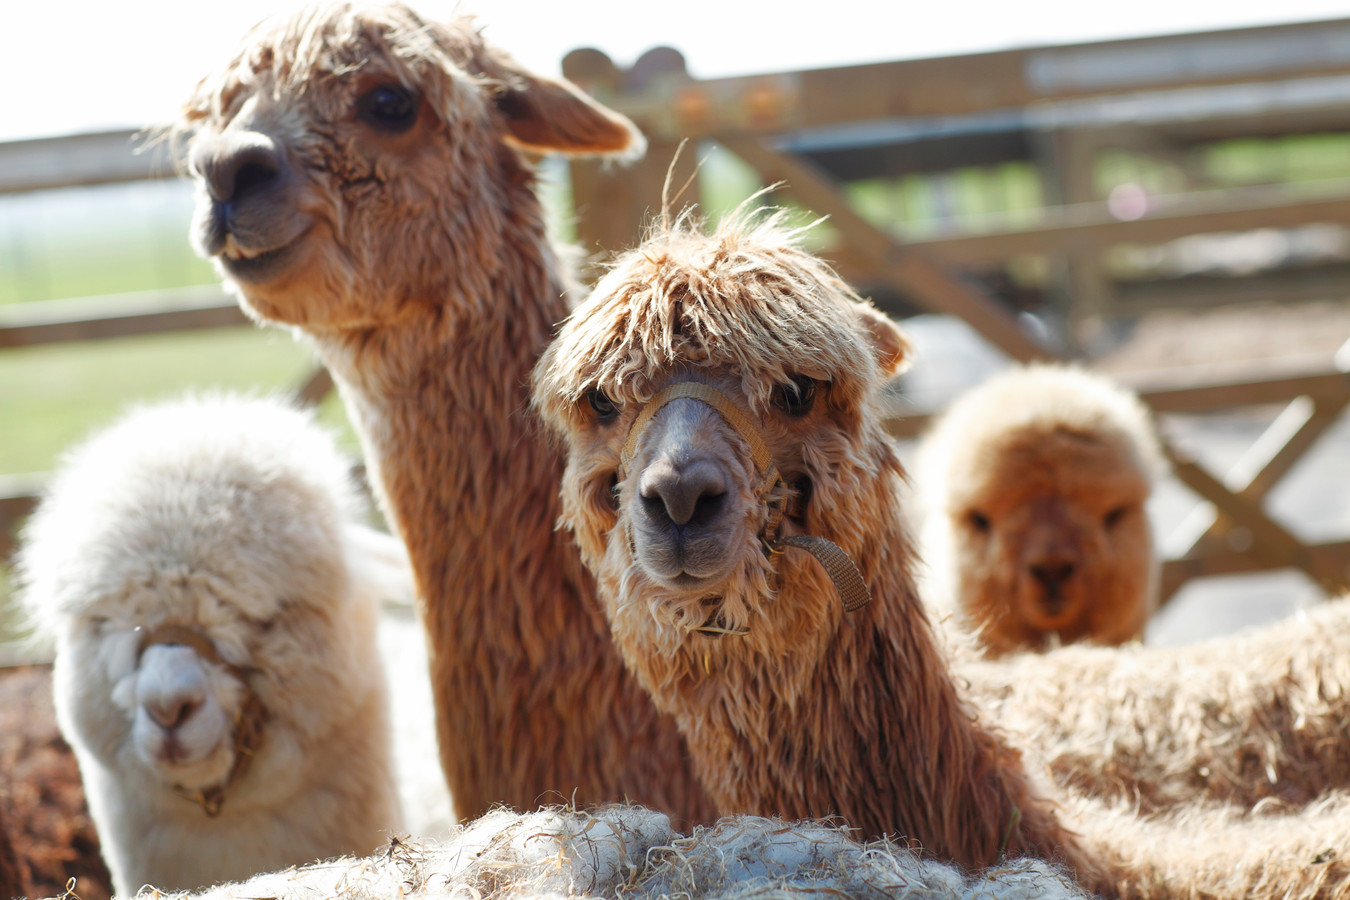 Een kudde alpaca's bij Son en Breugel hield de gemoederen zo bezig, dat het zelfs leidde tot een rechtszaak. Foto ter illustratie.